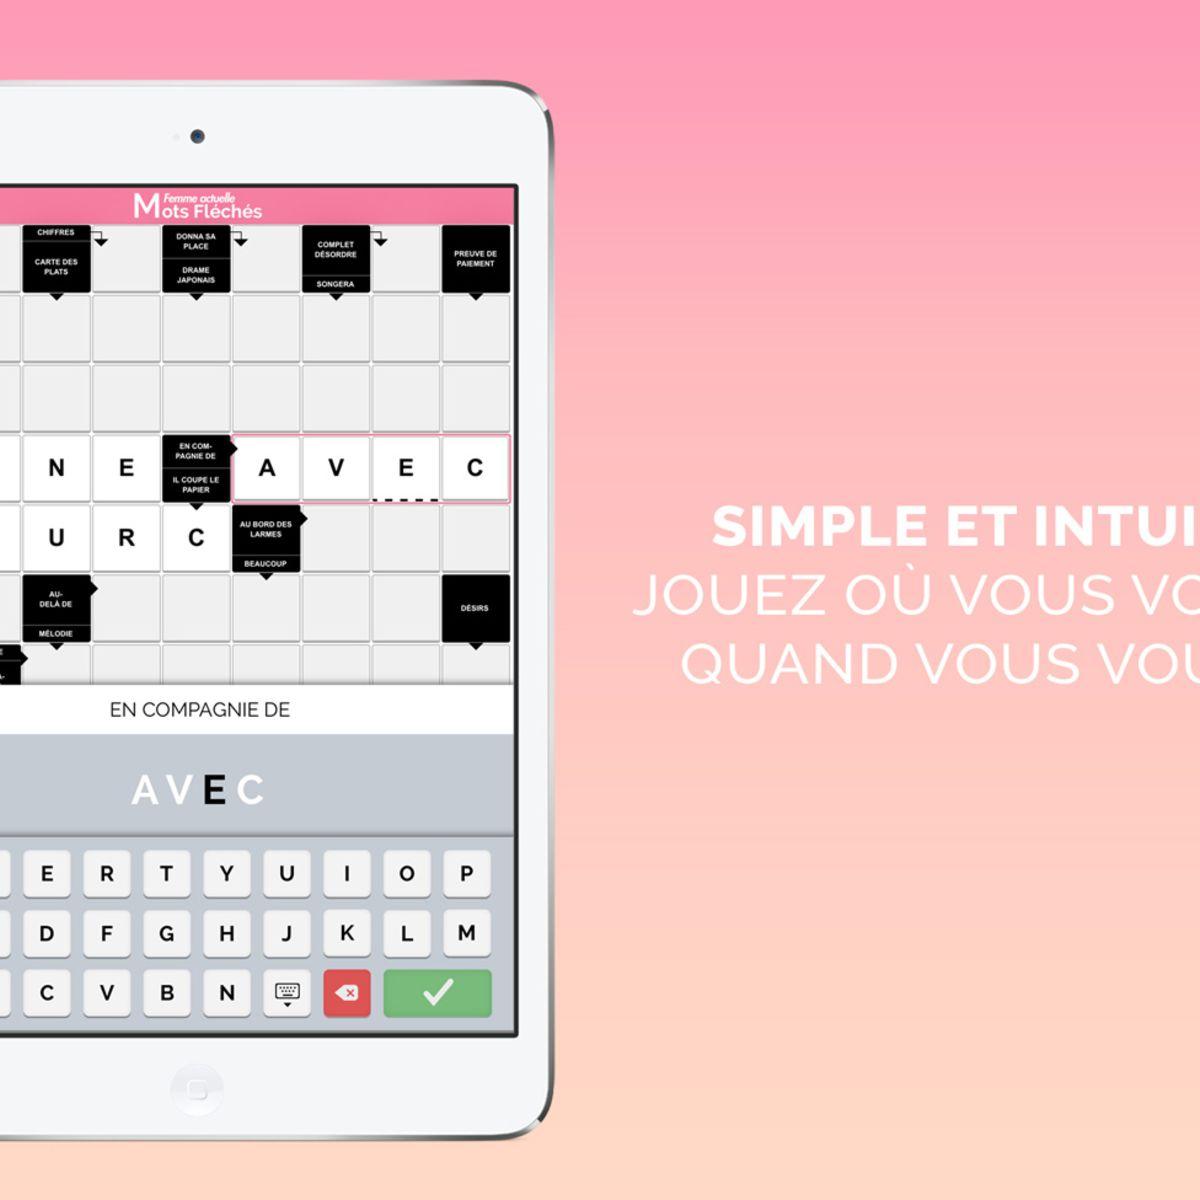 Les Mots Fléchés Femme Actuelle Sur Smartphones Et Tablettes tout Mots Croisés Et Fléchés Gratuits